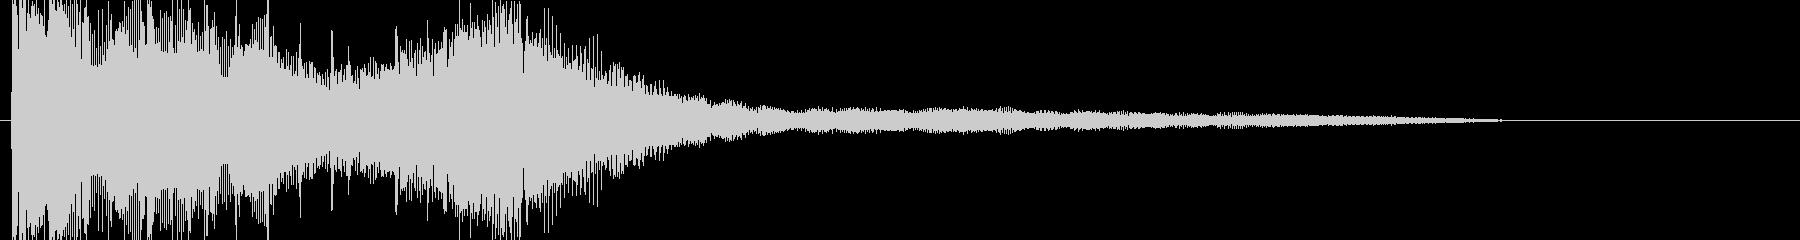 朝のラジオ 番組 爽やかなジングルの未再生の波形